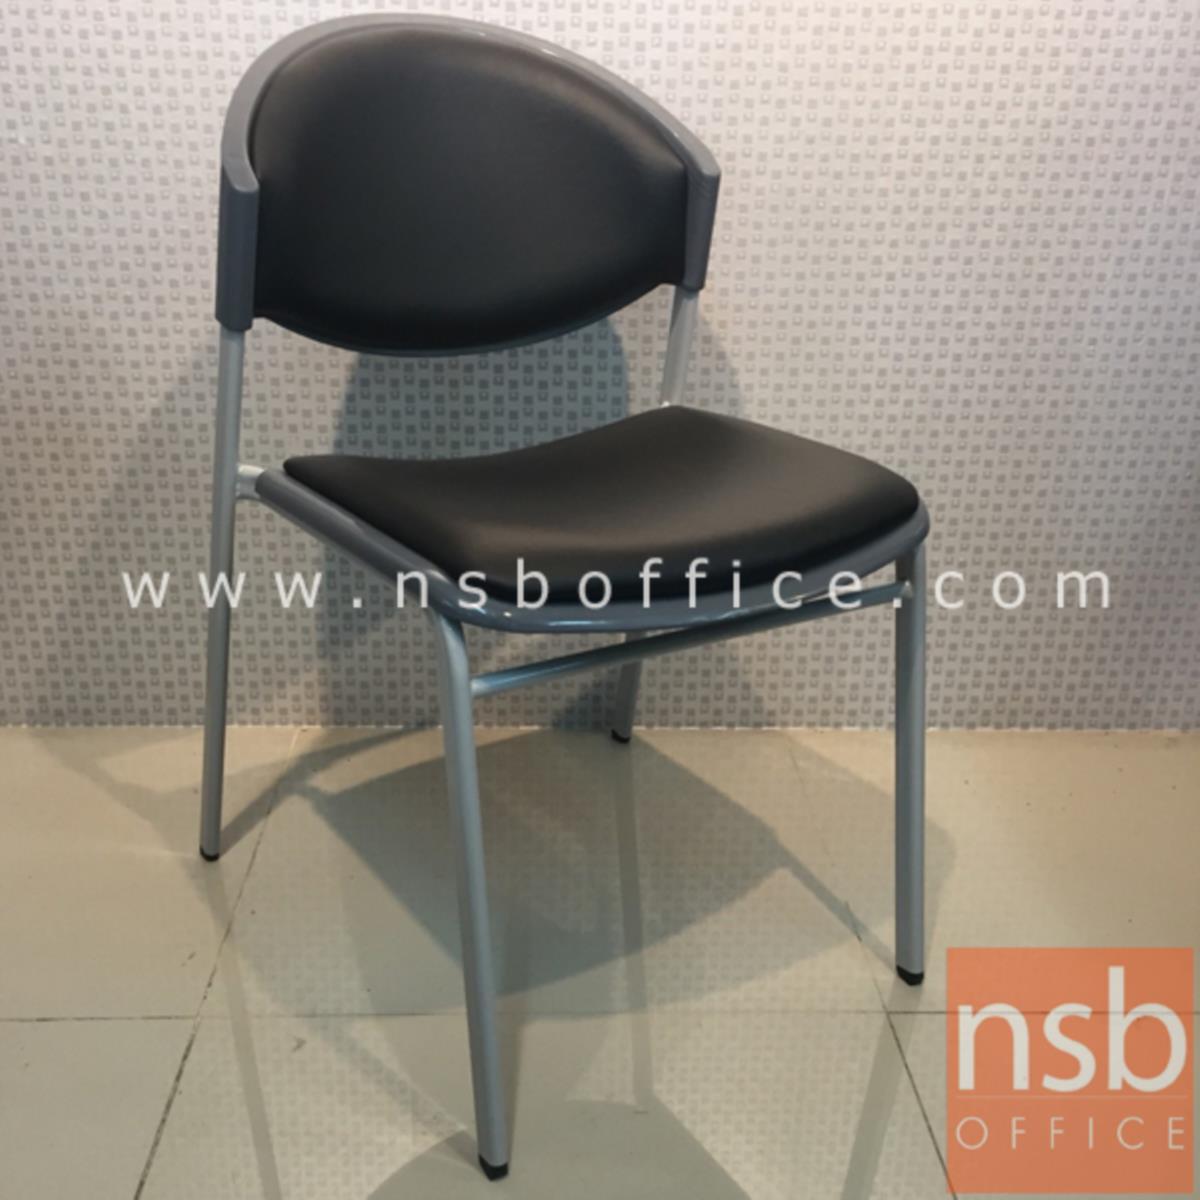 เก้าอี้อเนกประสงค์เฟรมโพลี่ รุ่น A3-970  ขาเหล็ก